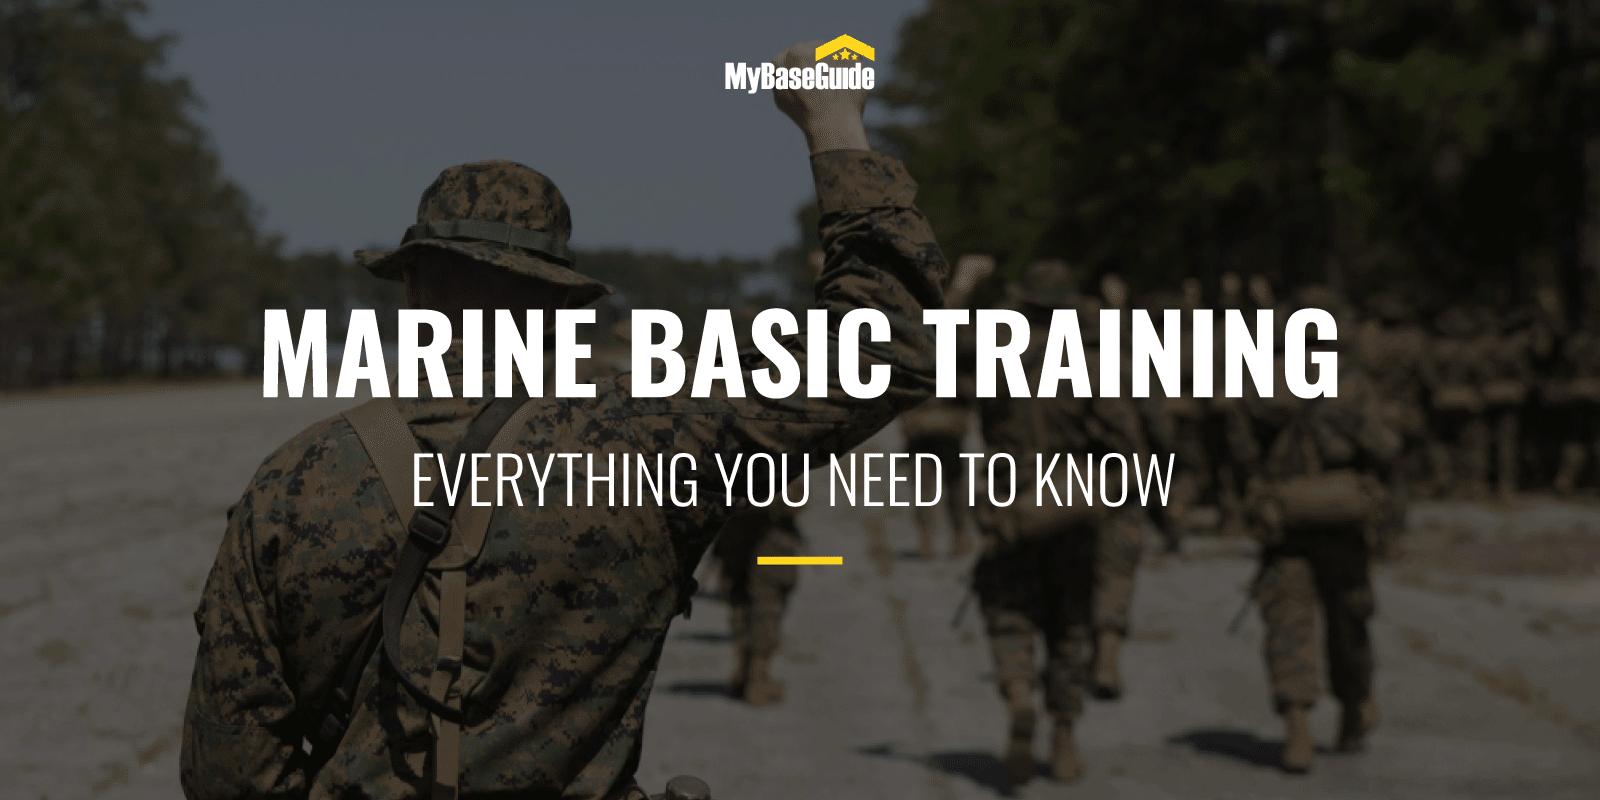 Marine Basic Training: Everything You Need to Know